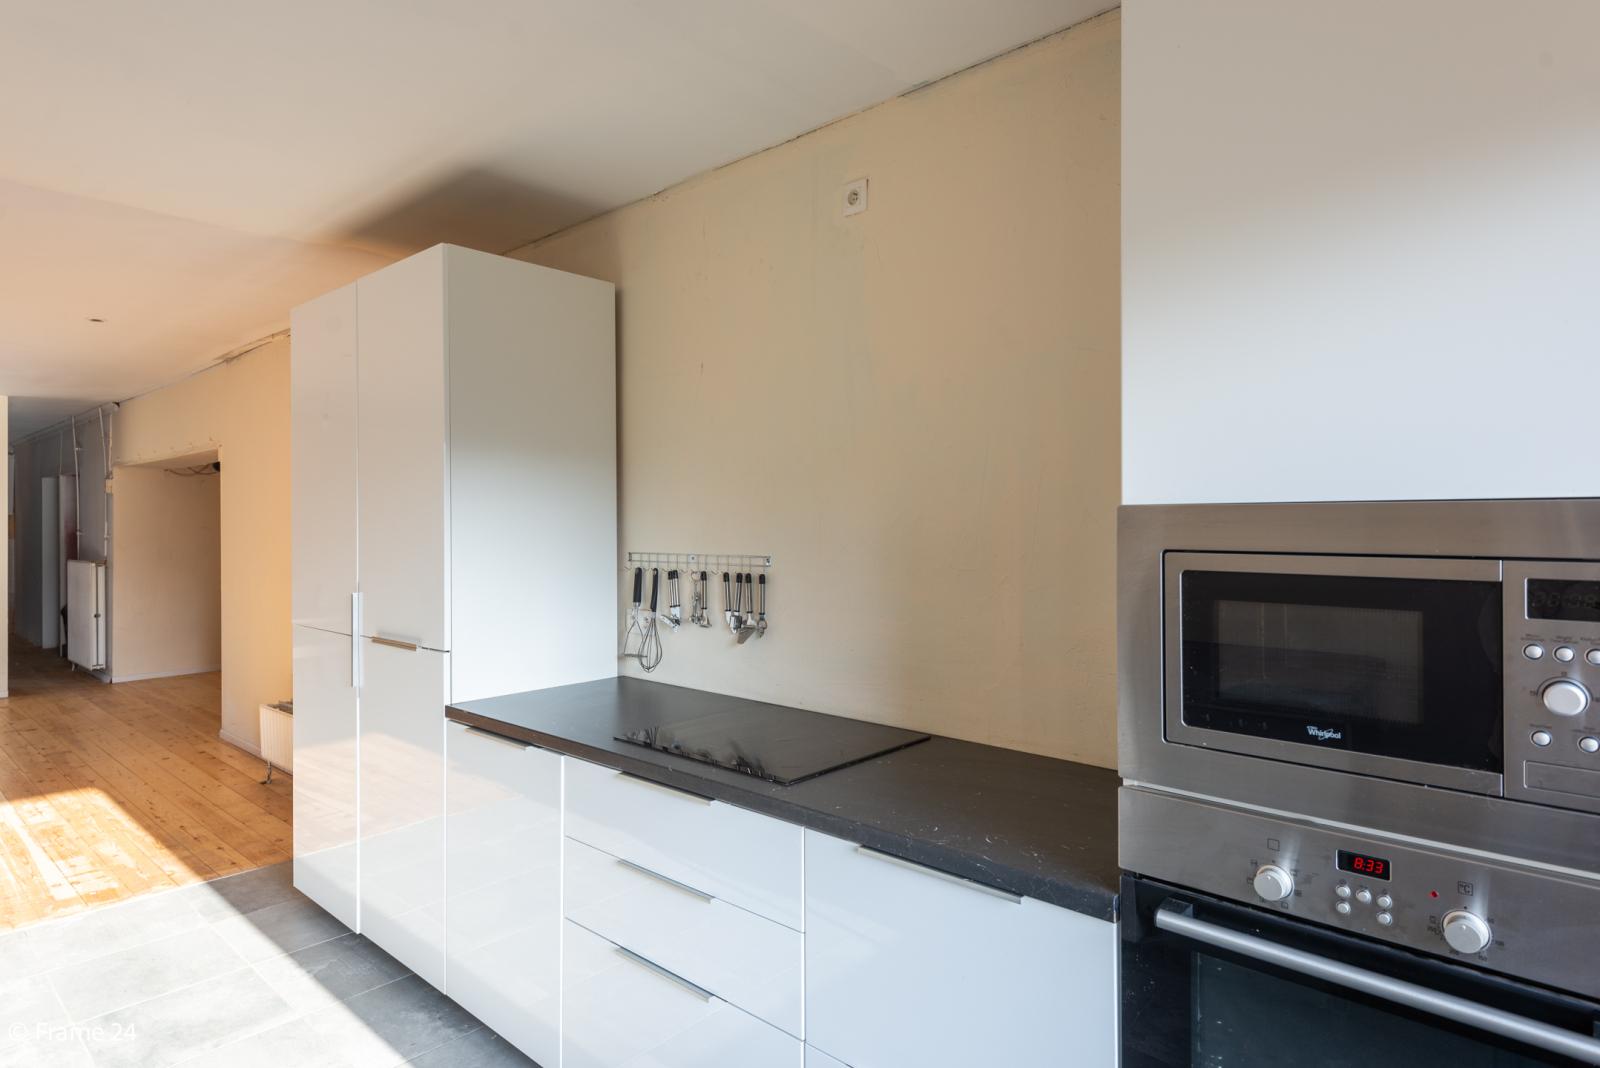 Winkelruimte met woonst op commerciële toplocatie te Zandhoven! afbeelding 10